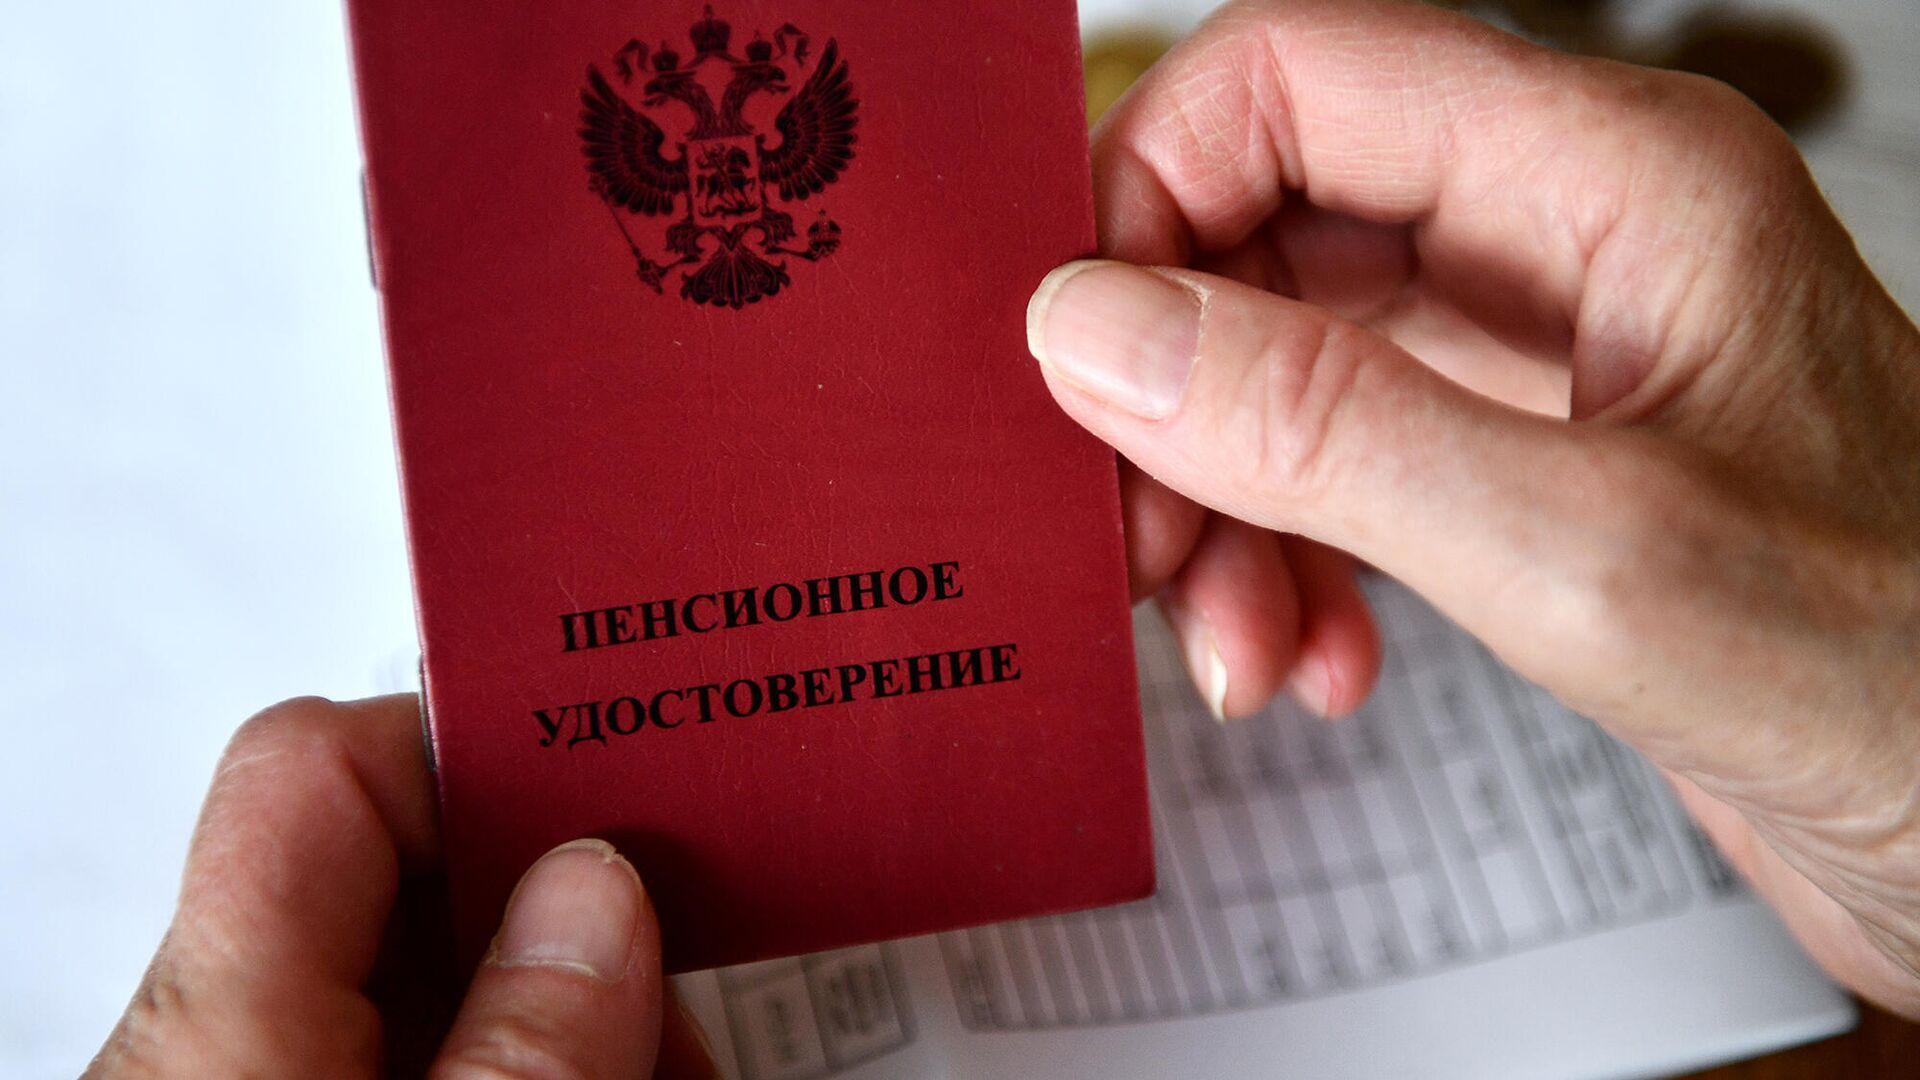 Пенсионное удостоверение - РИА Новости, 1920, 08.09.2021